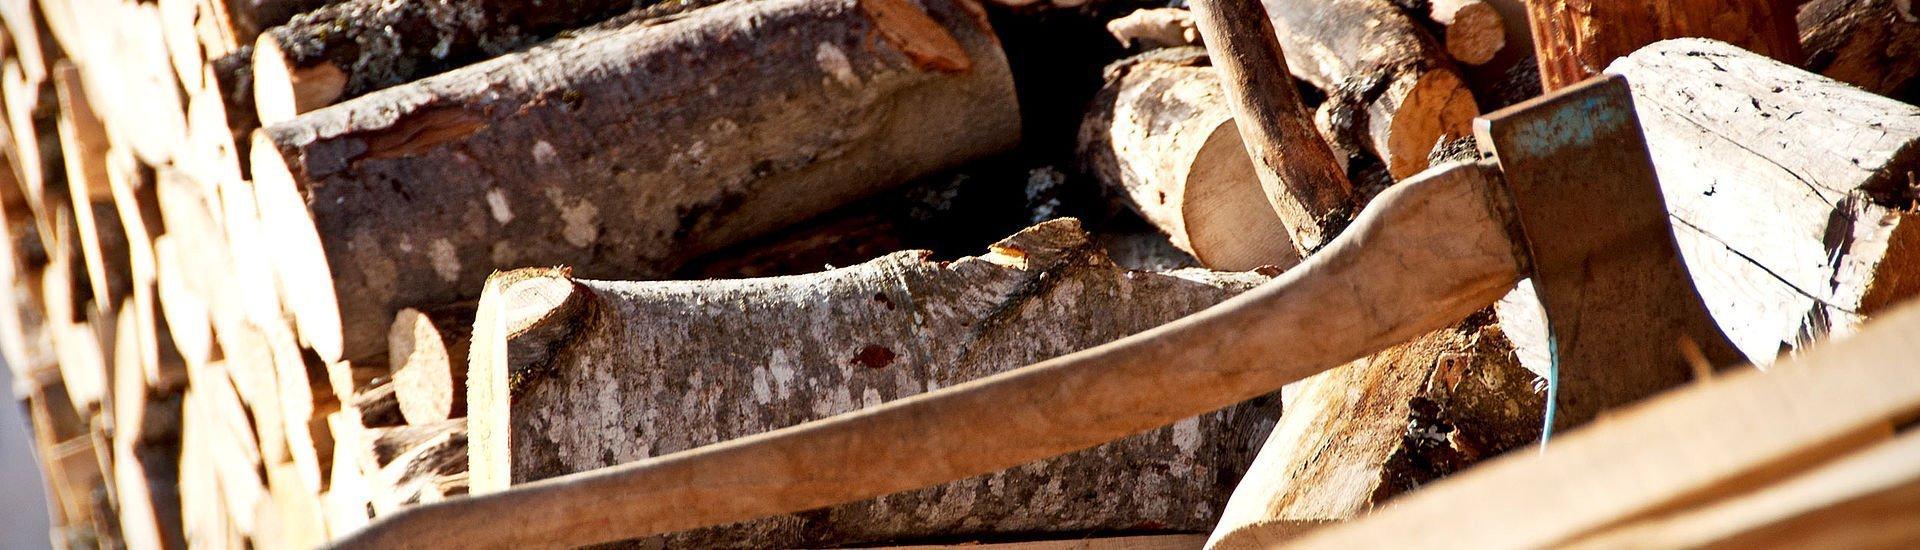 Holz für den Hüttenurlaub   Saalbach